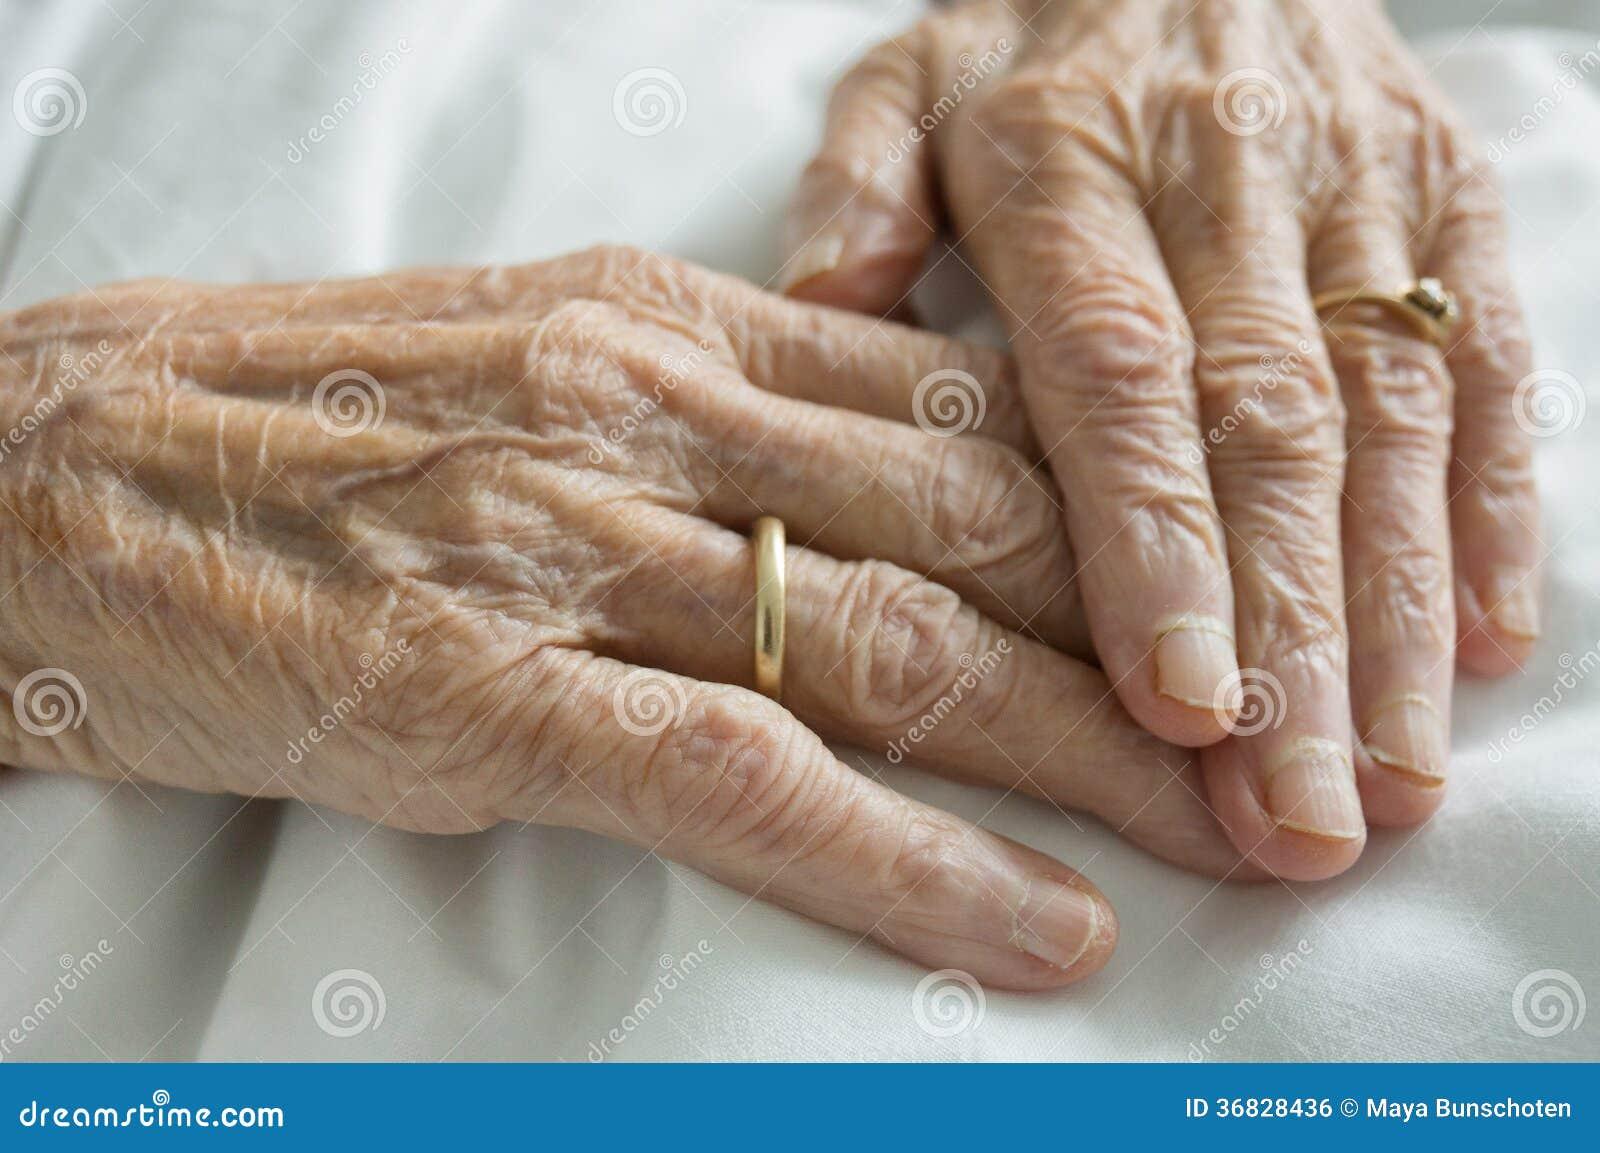 Resultado de imagen de manos arrugadas de adulto mayor